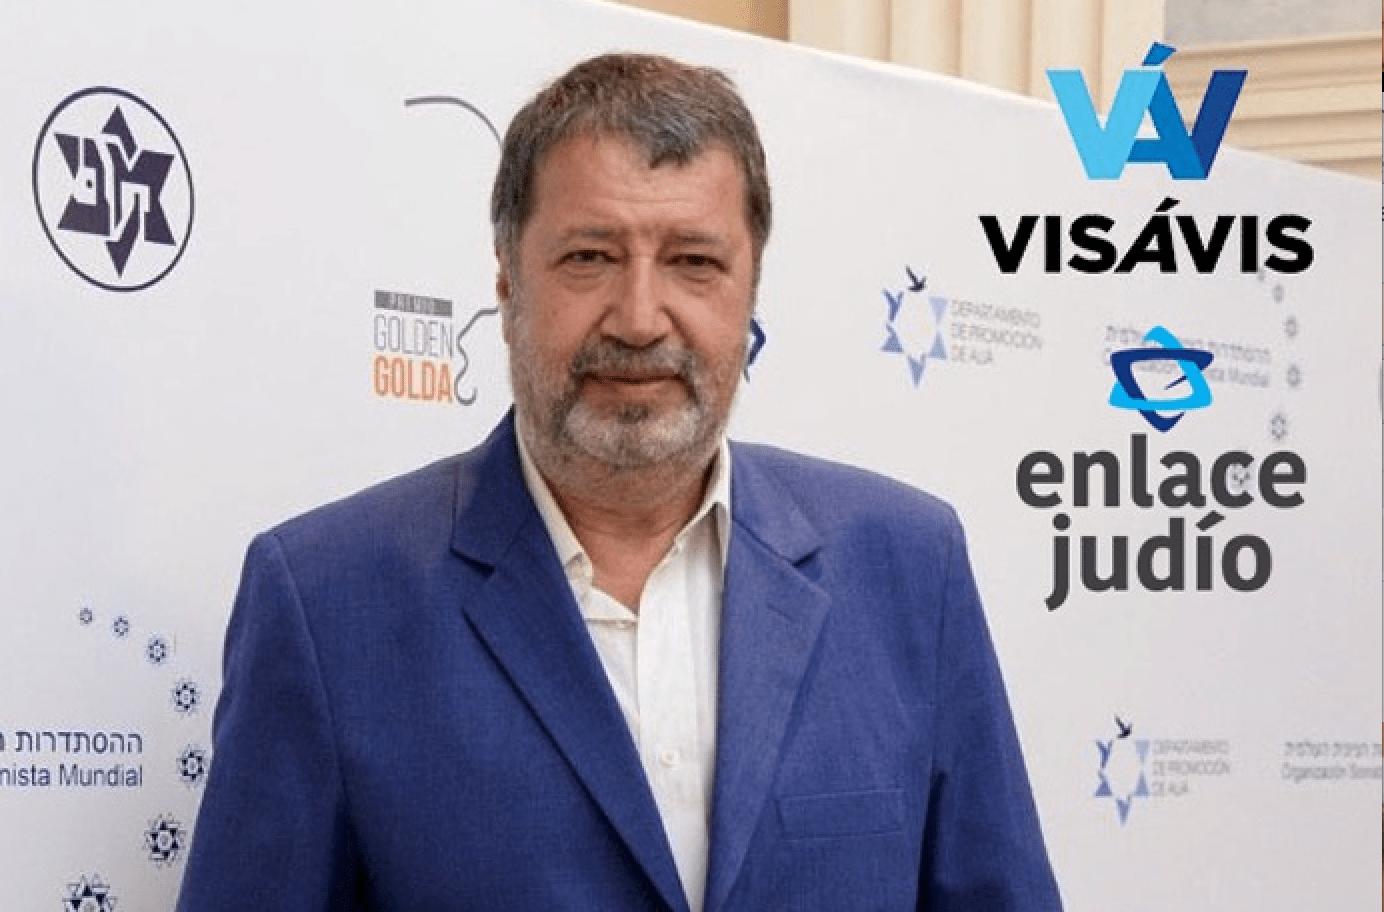 Gustavo Szpigiel y su reporte desde Buenos Aires sobre la comunidad judía